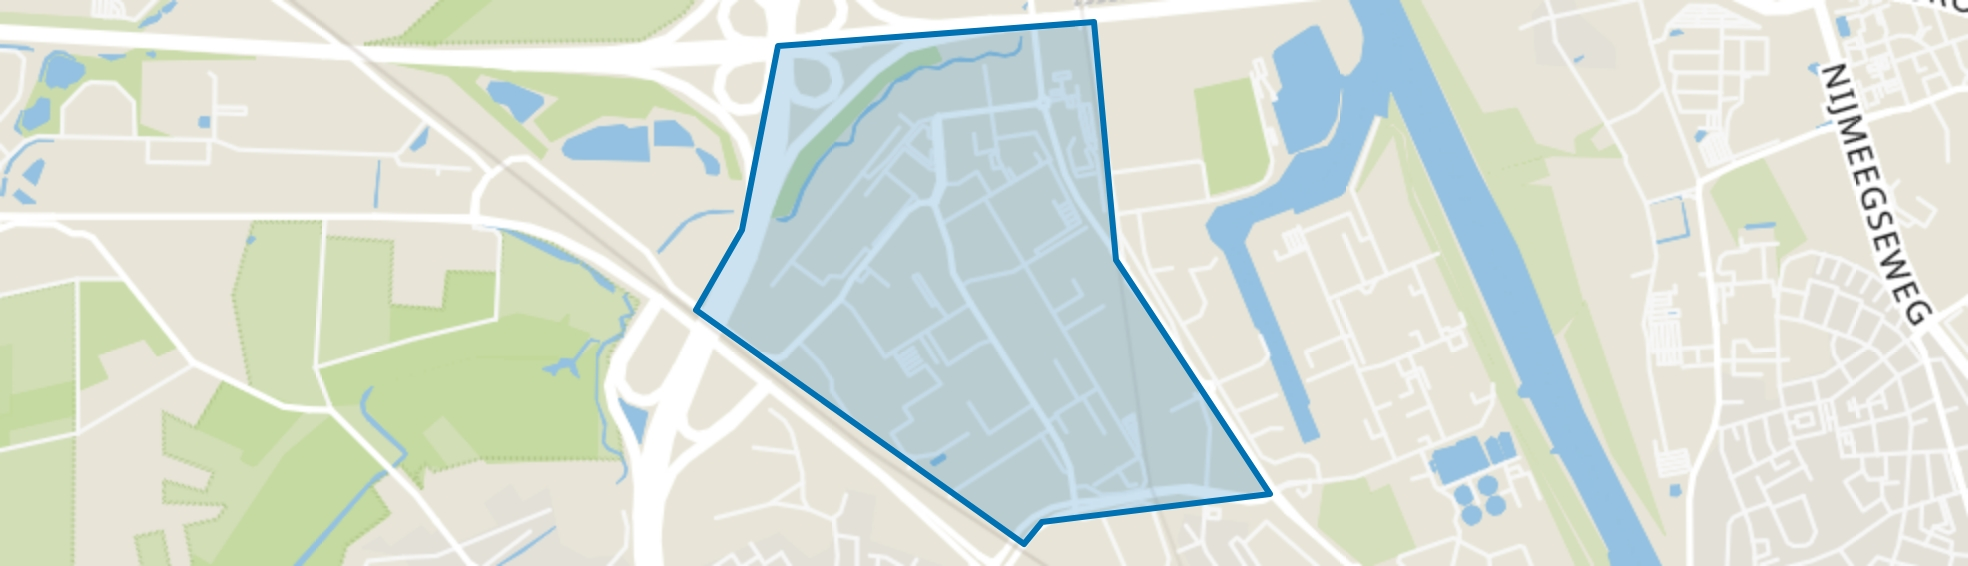 Groot Boller, Venlo map